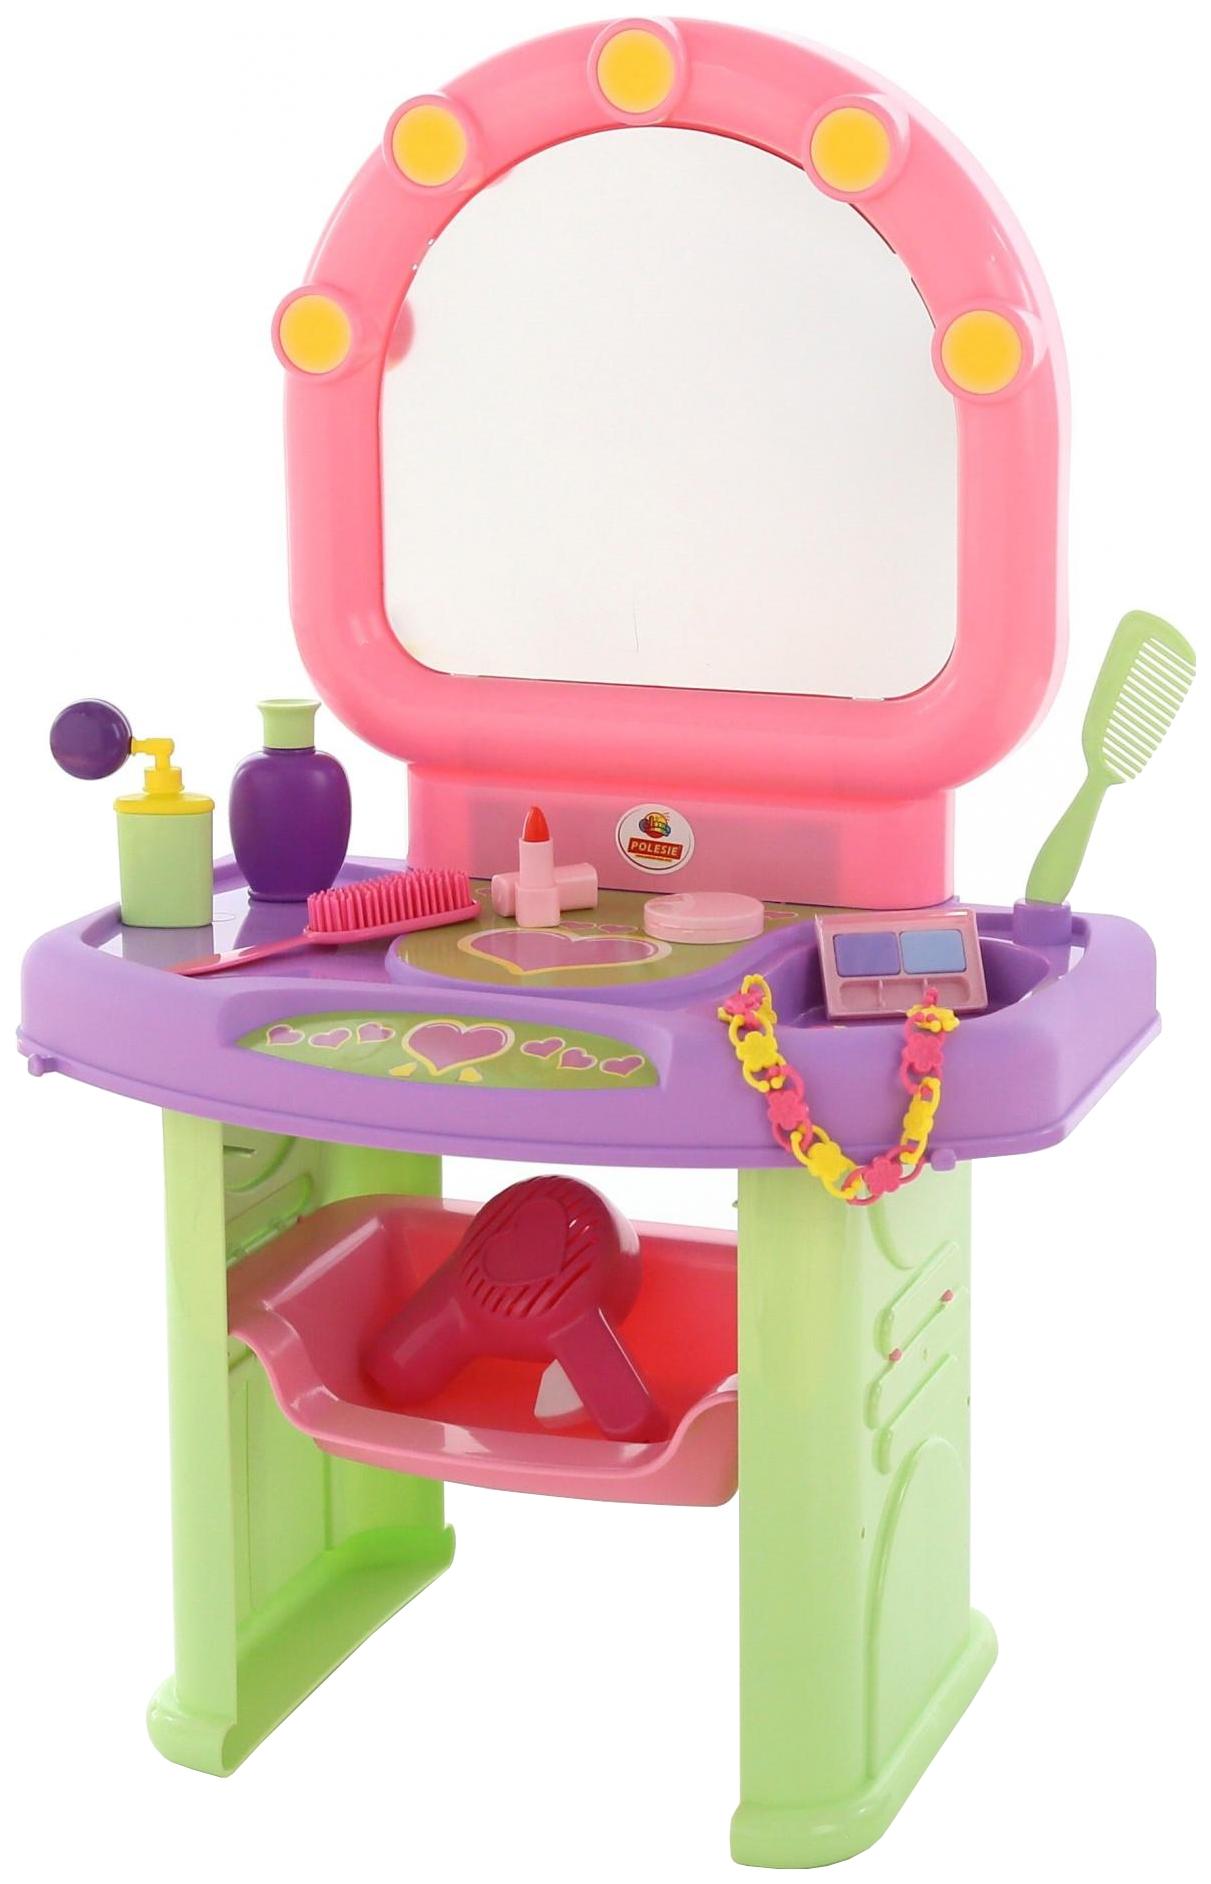 Купить Туалетные столики, Туалетный столик игрушечный Полесье Салон красоты, Coloma, Игрушечные туалетные столики